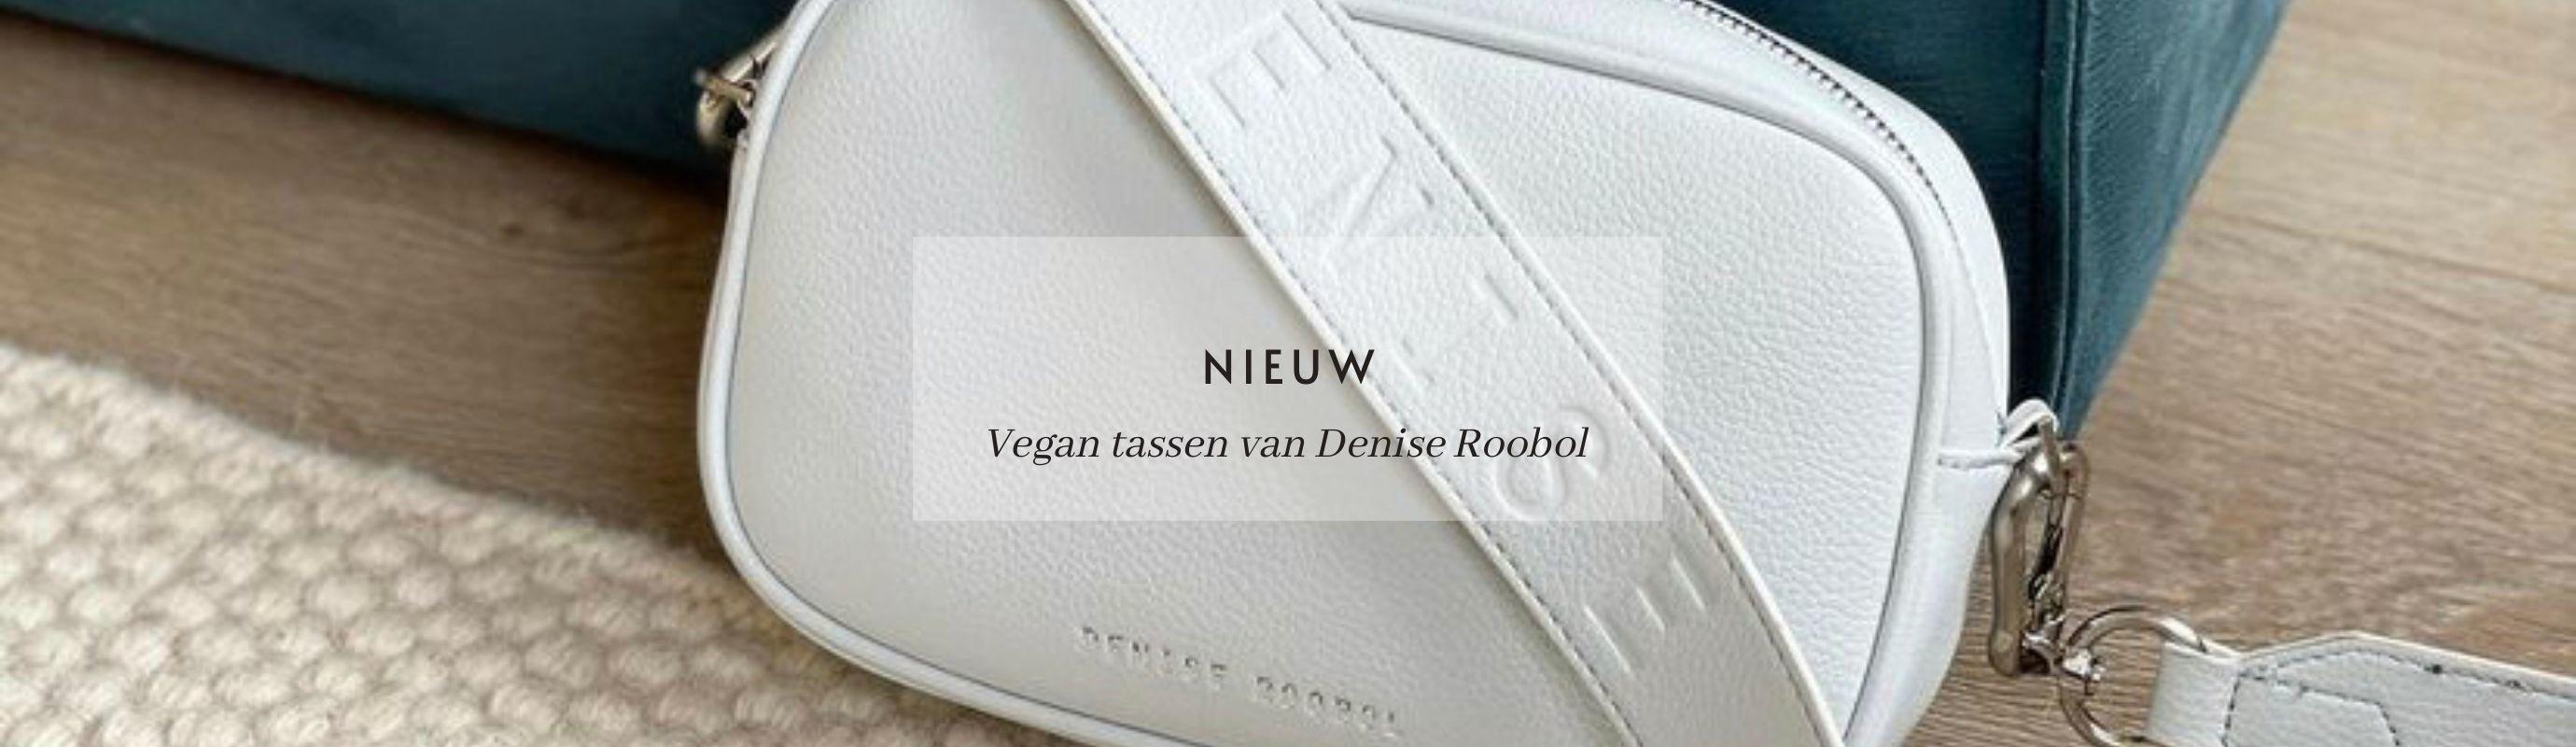 Maak kennis met ons nieuwe merk: DENISE ROOBOL